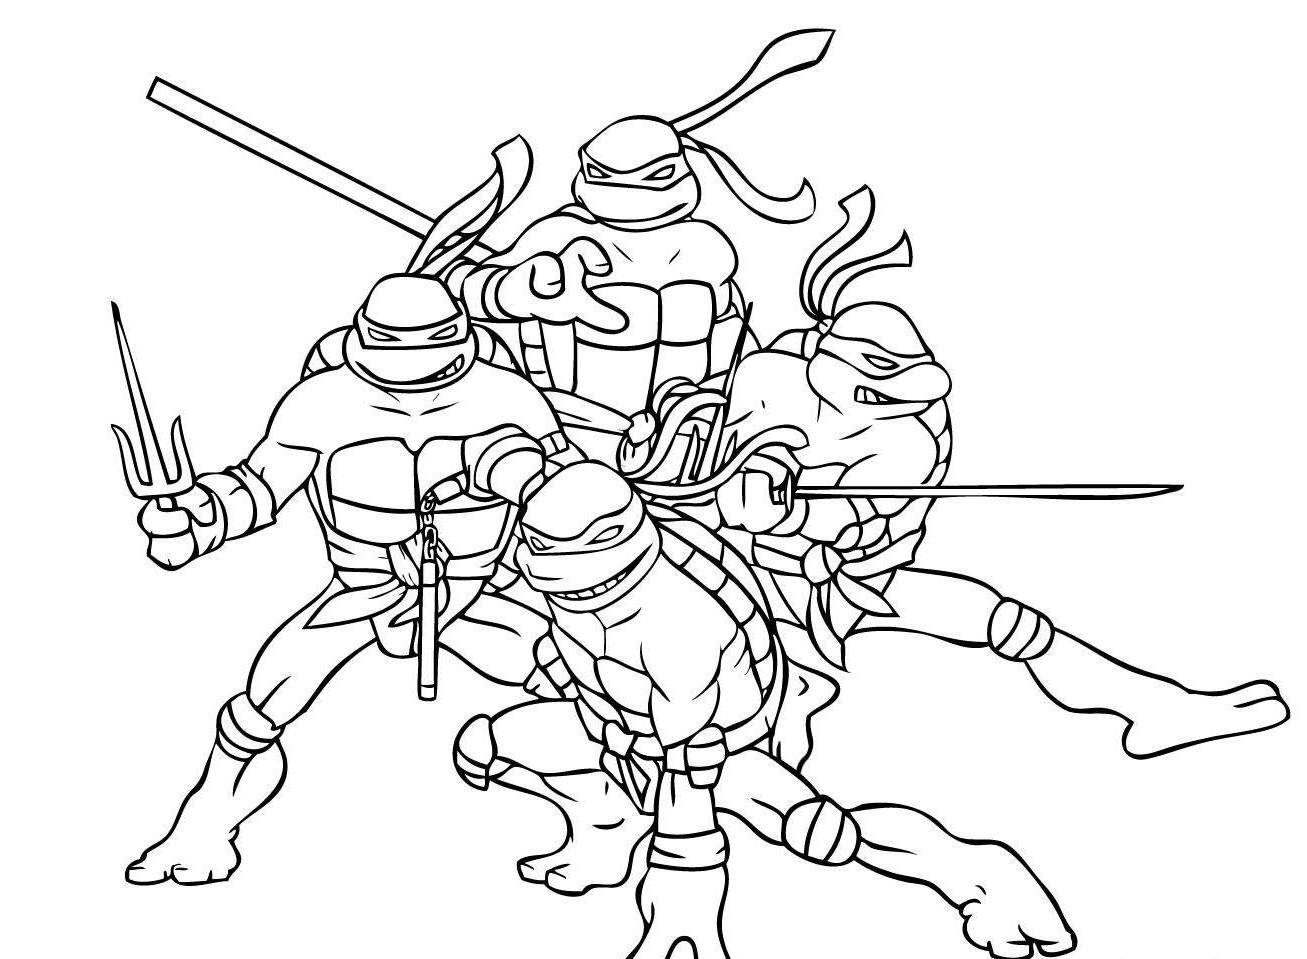 15 Ninja Turtles Coloring Page To Print